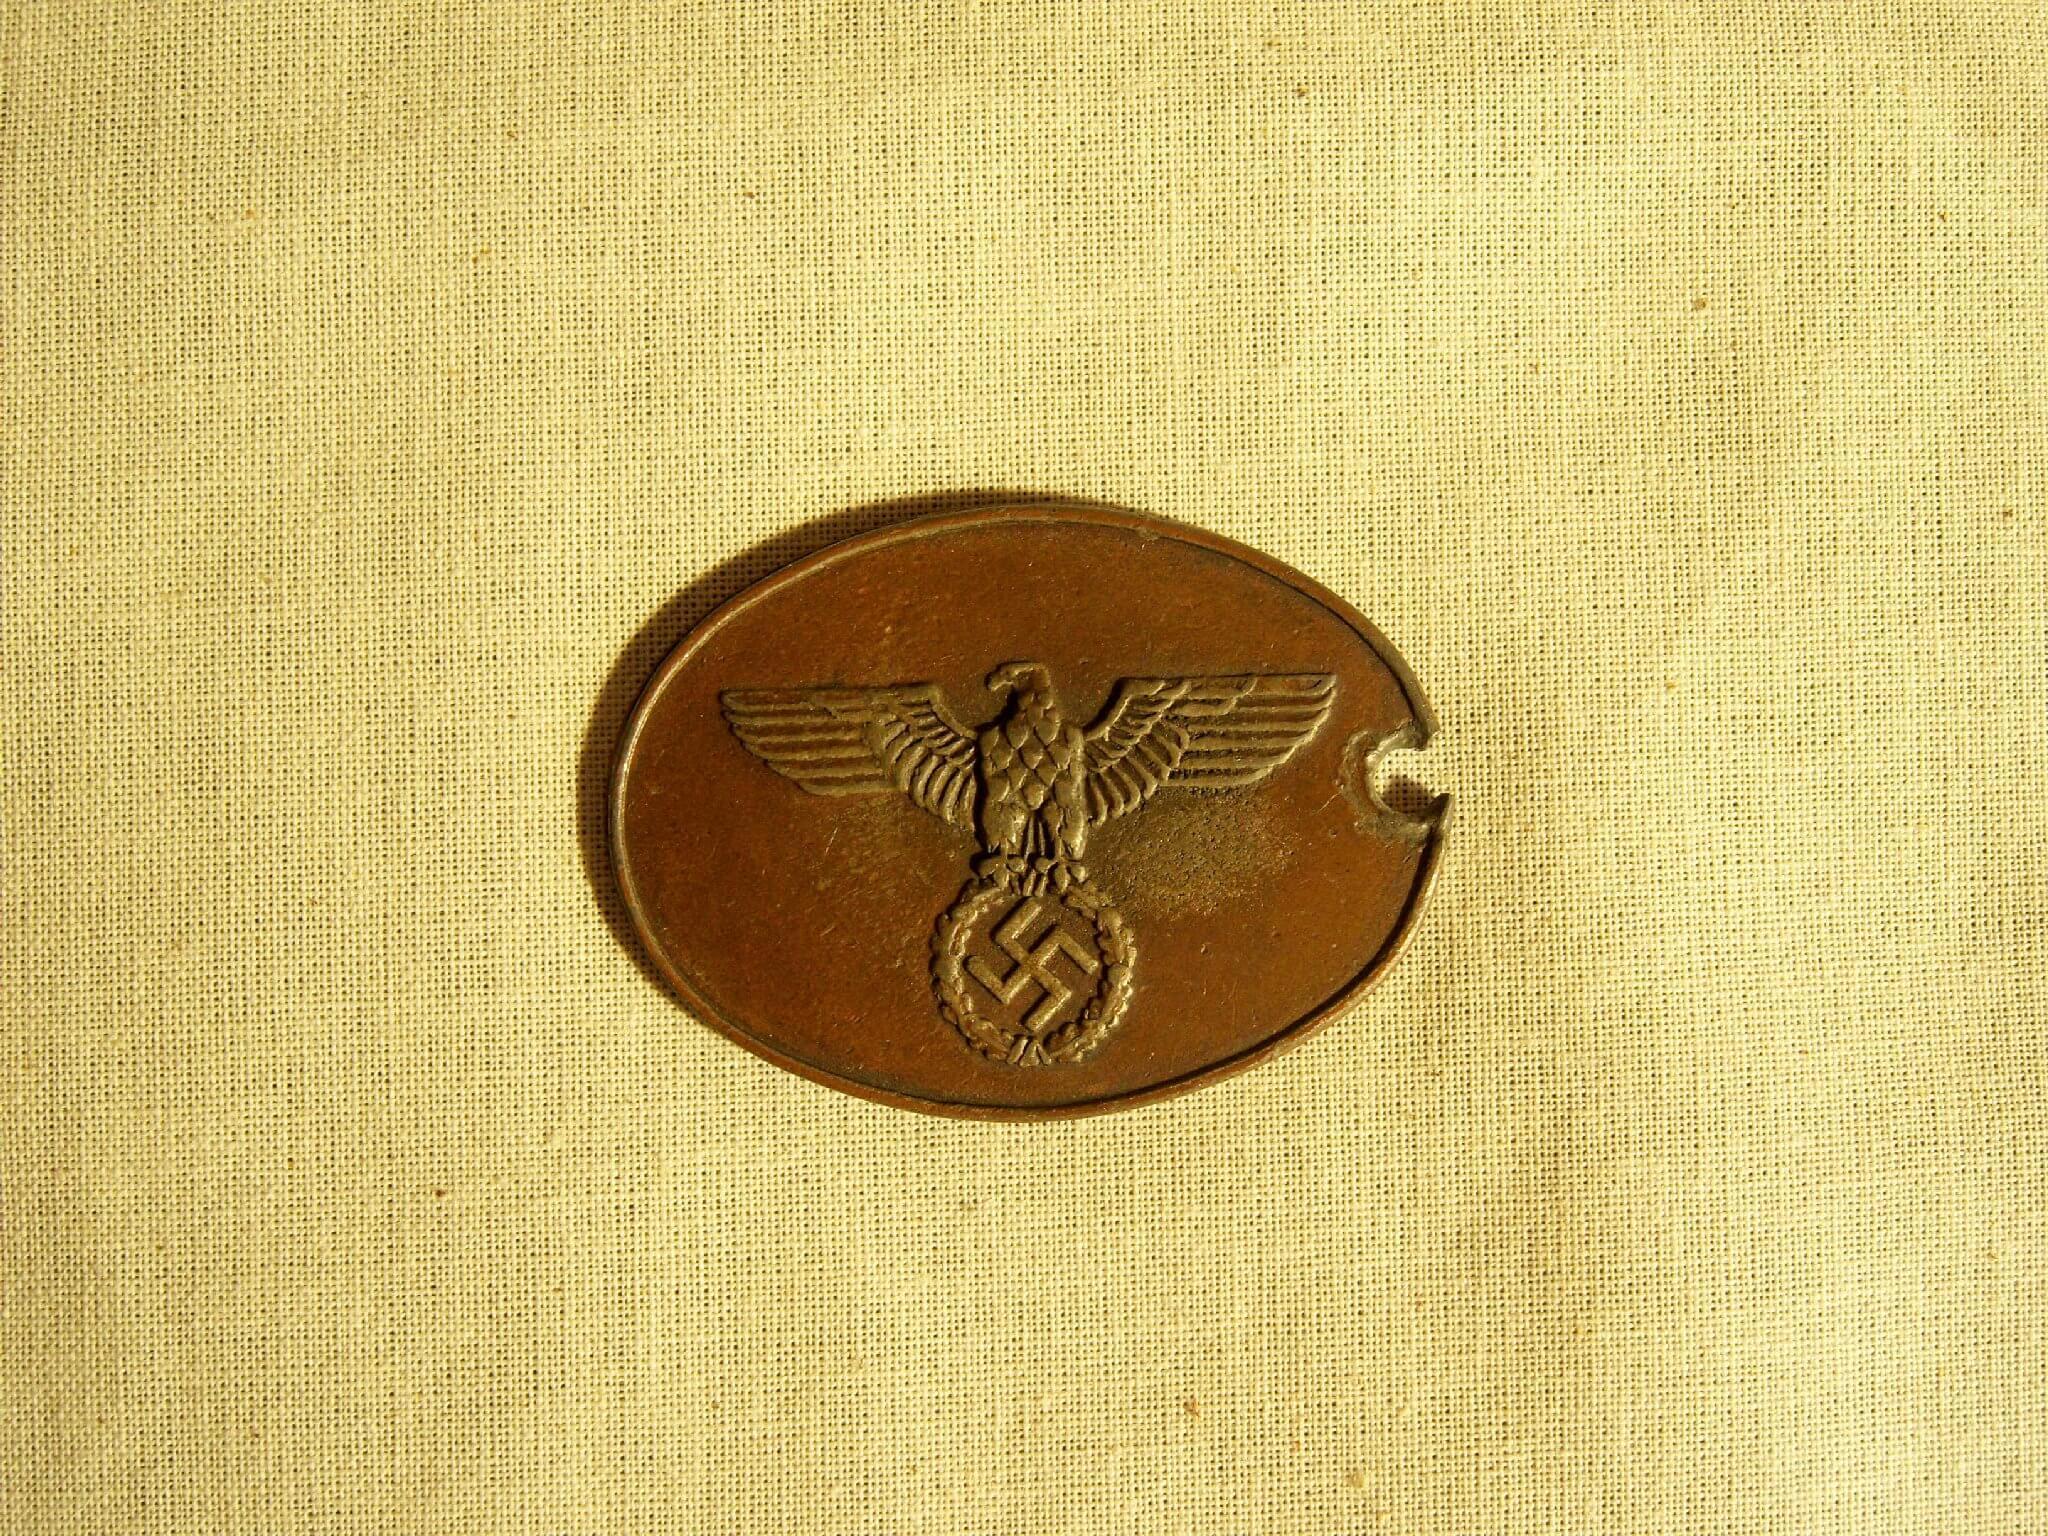 Duits indentificatie plaatje kriminalpolizei kripo wo2 ID dogtagg tweede wereldoorlog